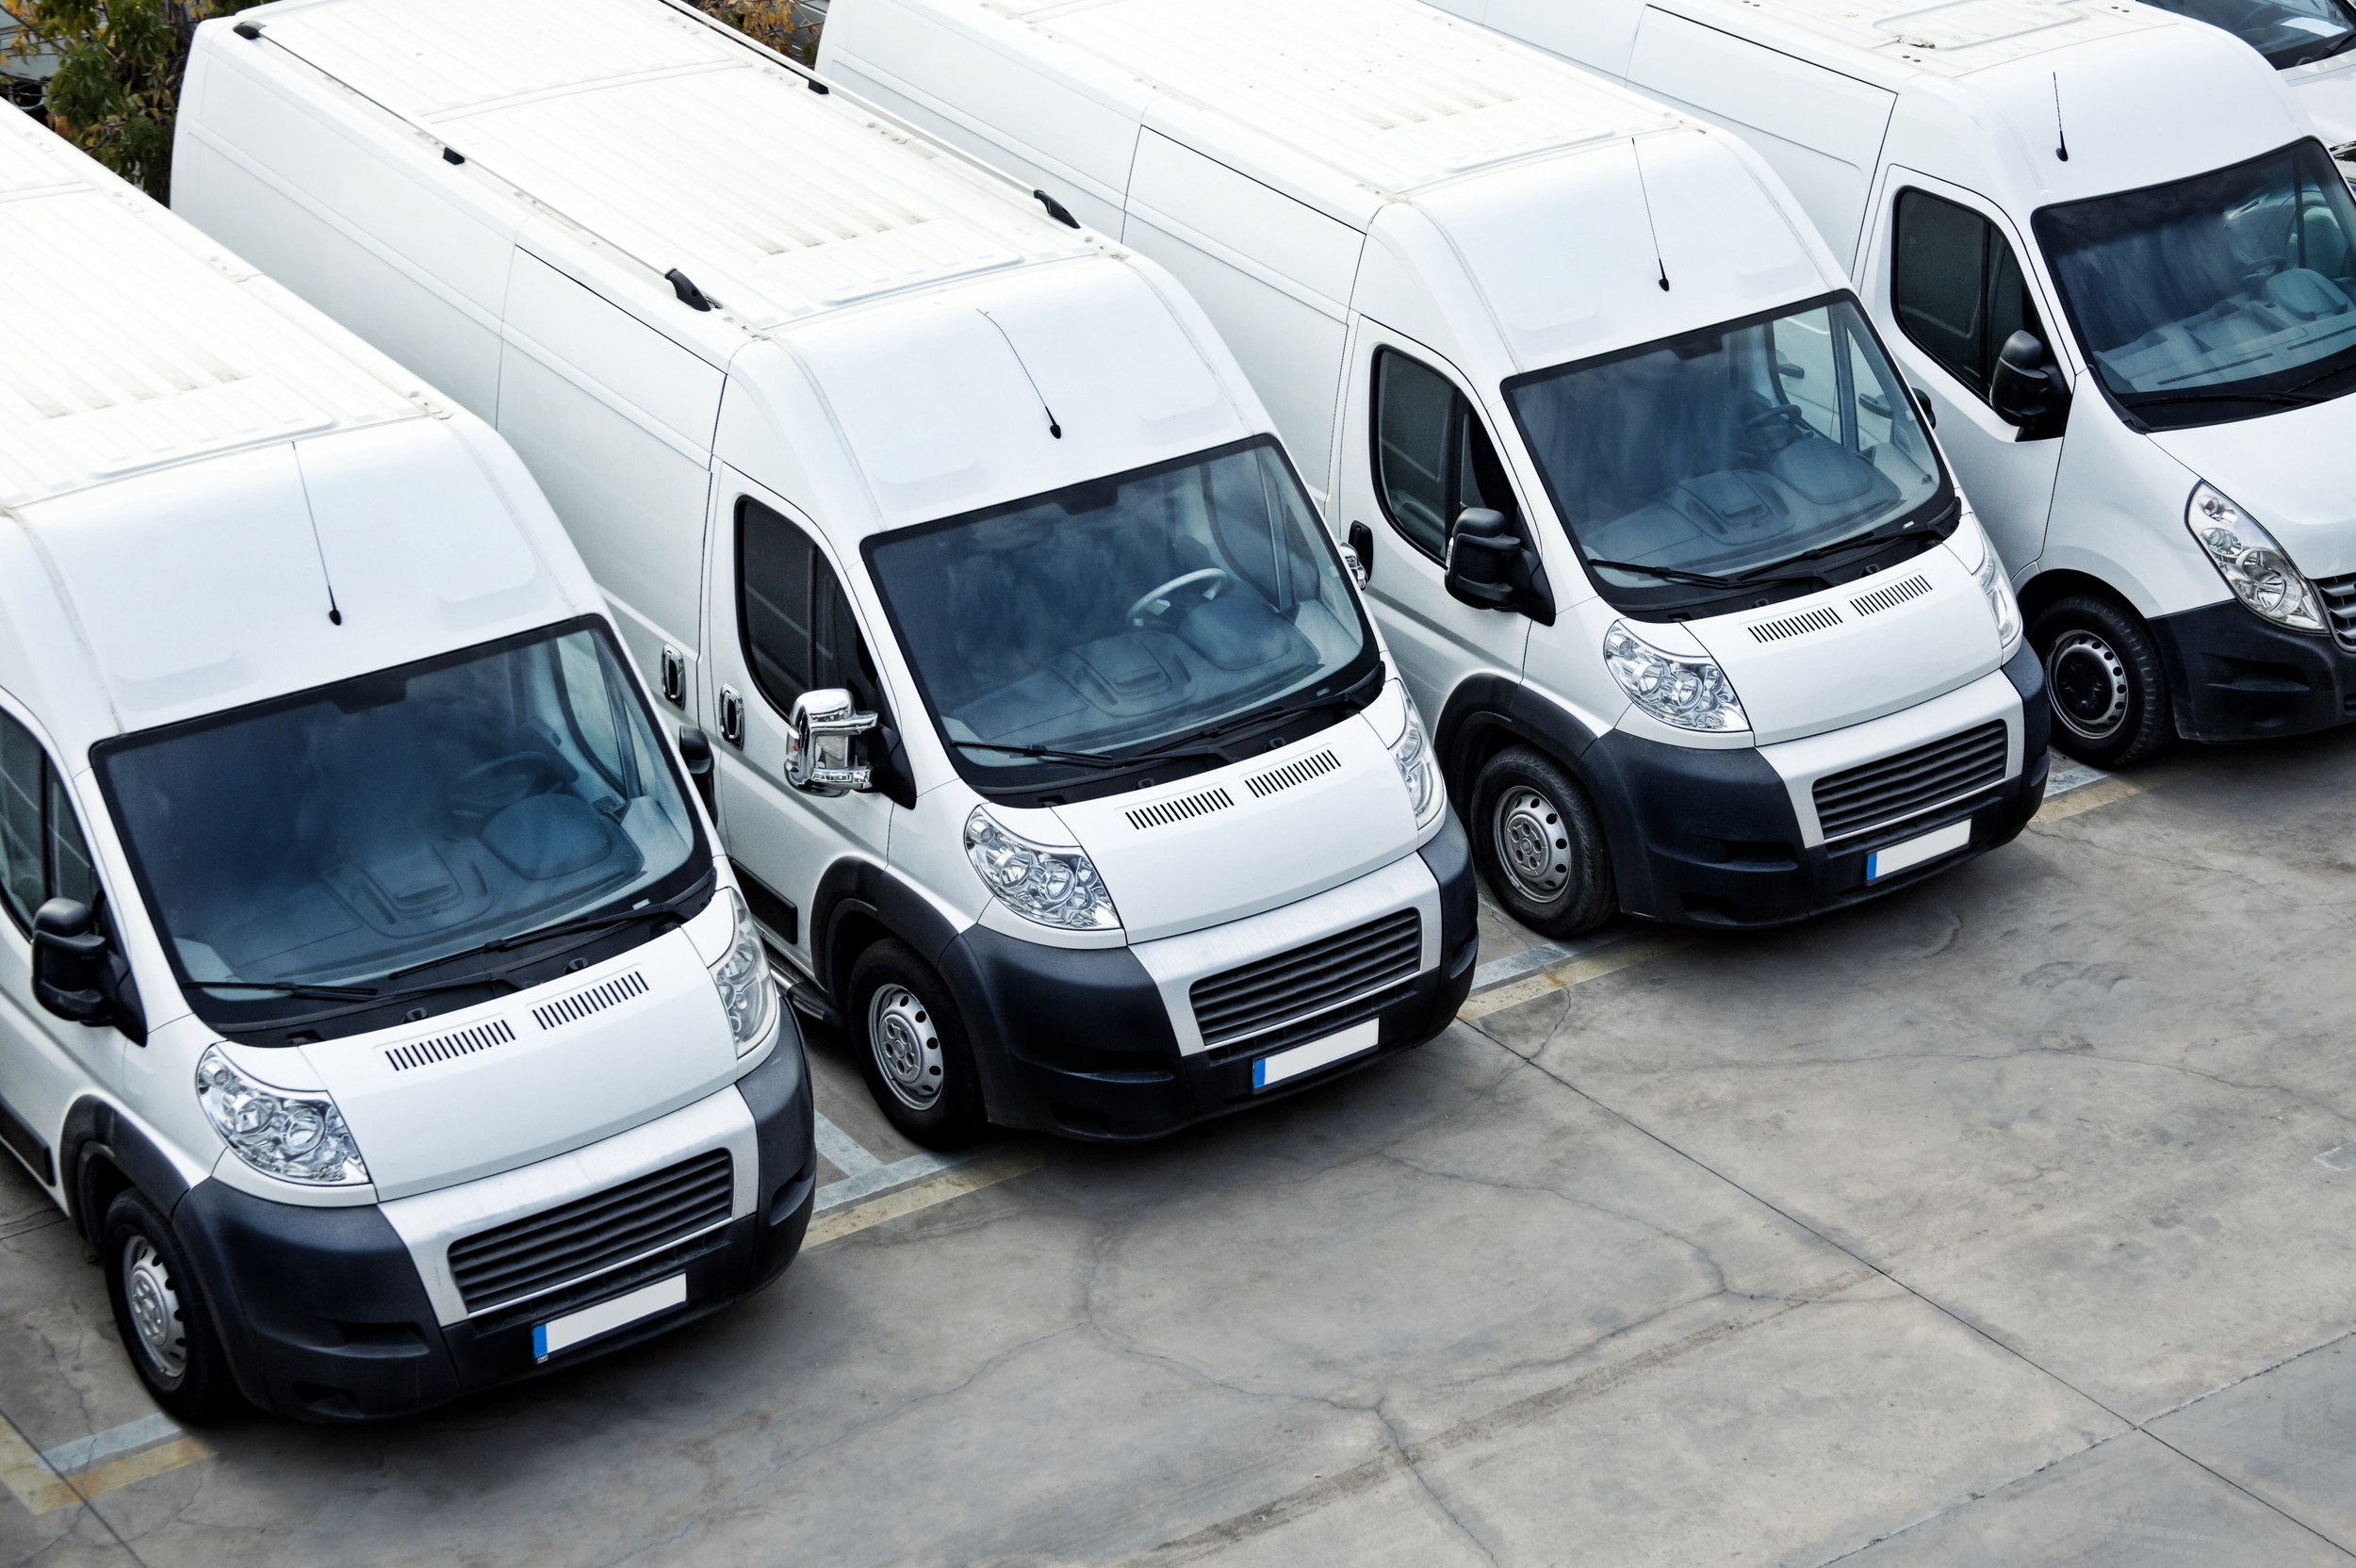 Delivery Vans